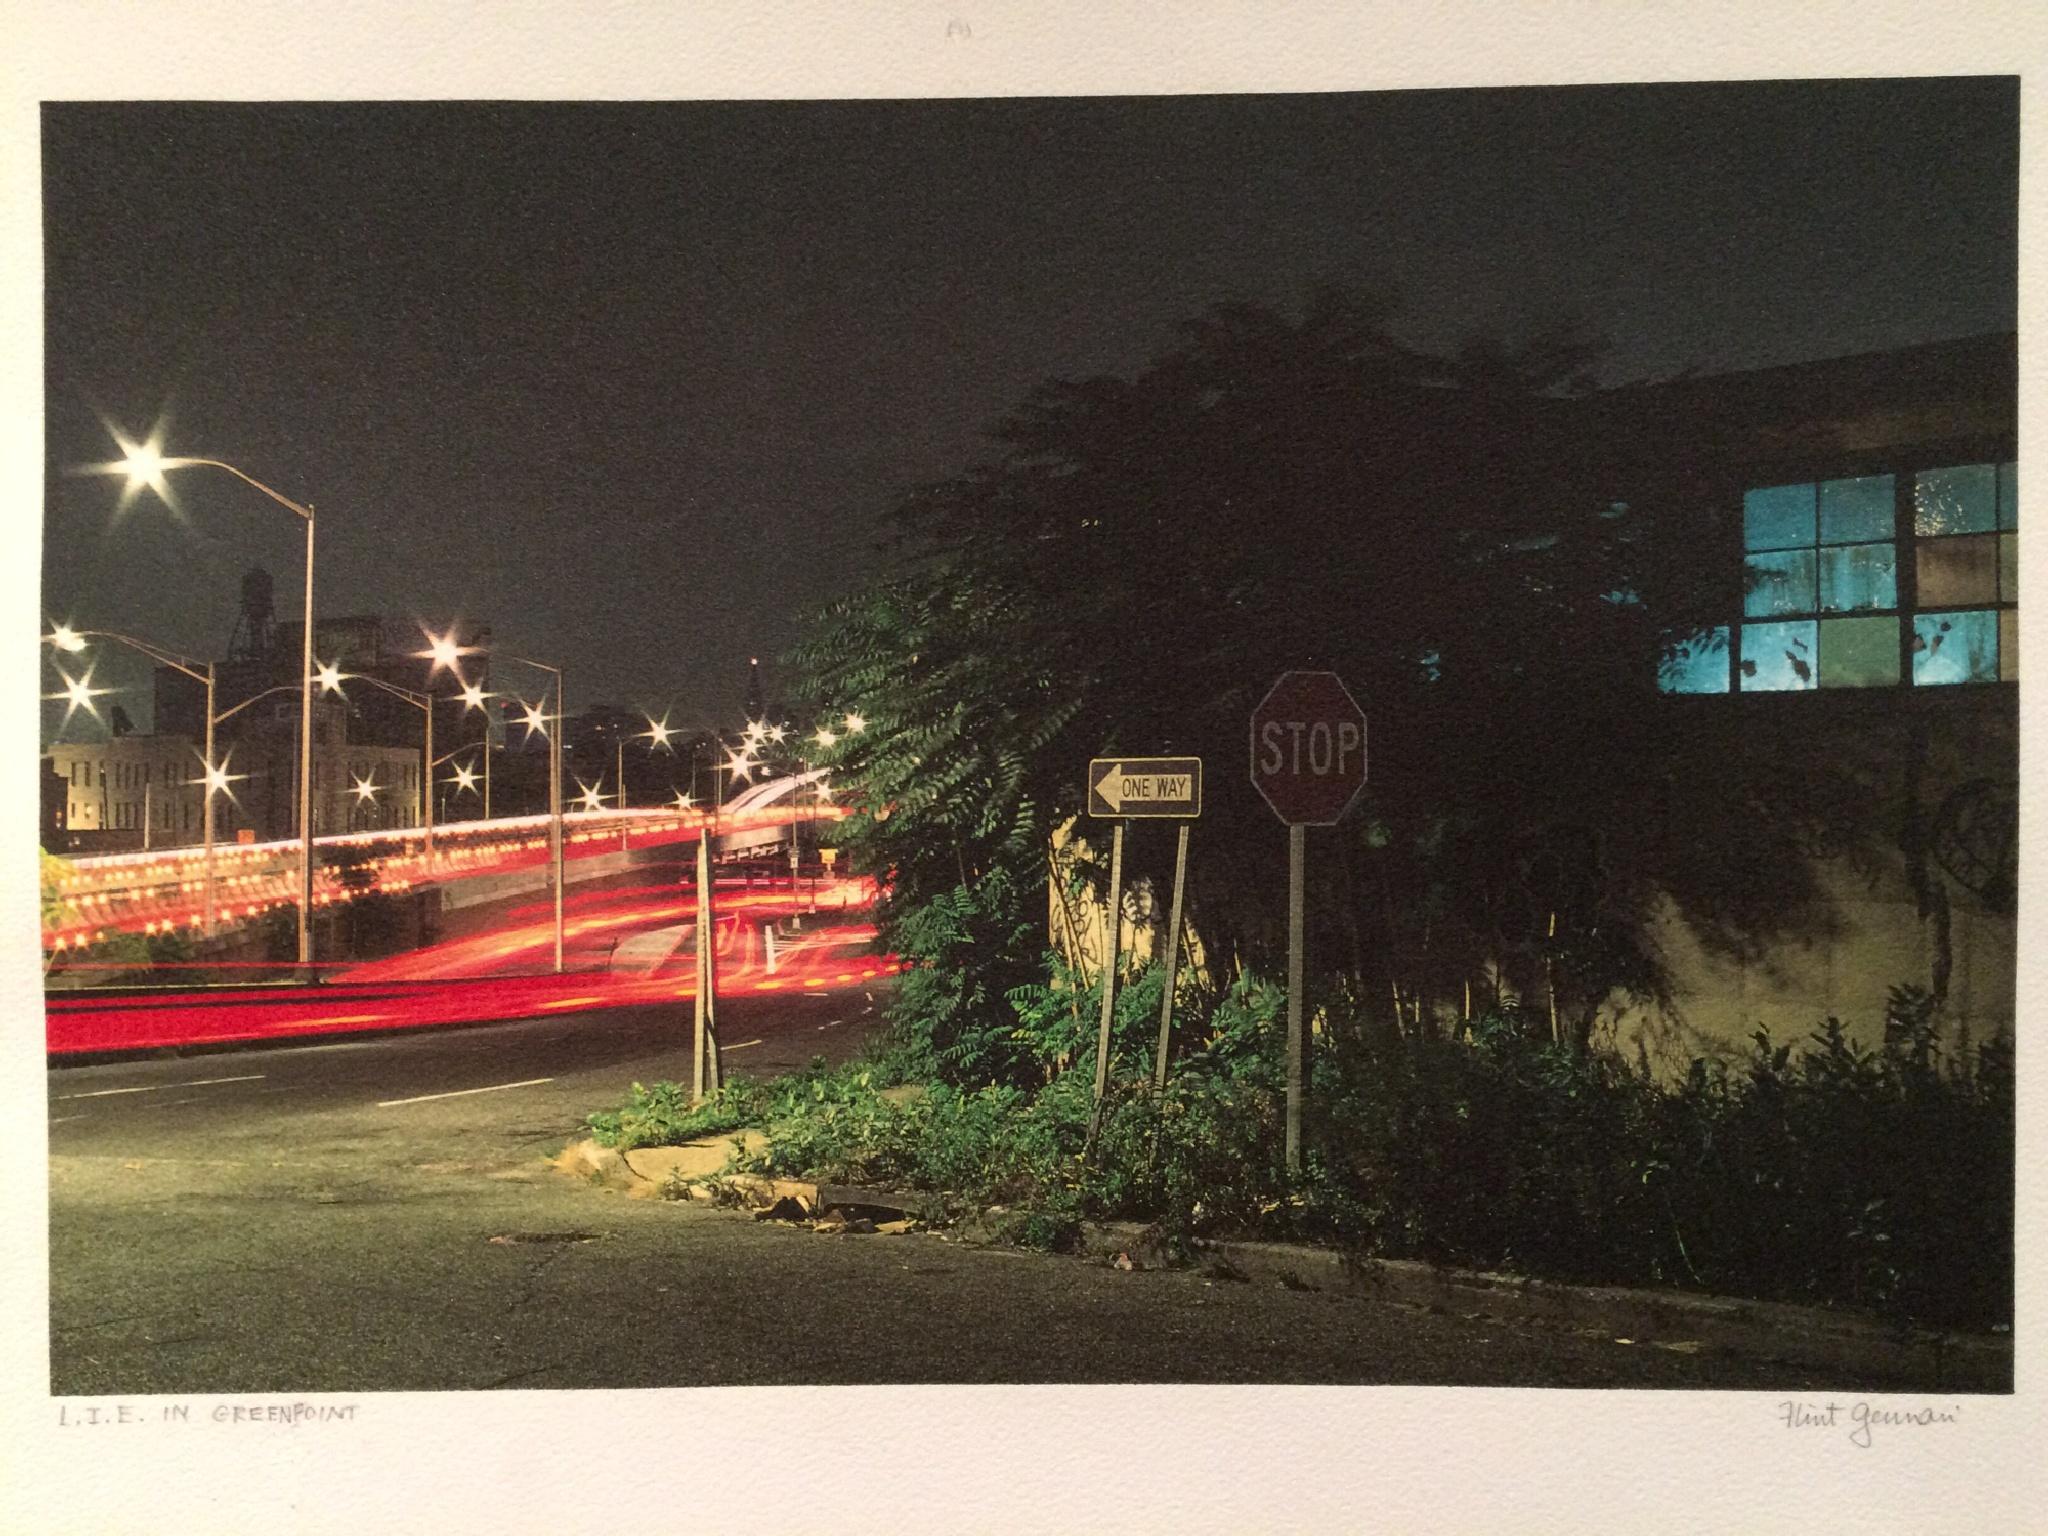 L.i.E. In Greenpoint by flintfotos